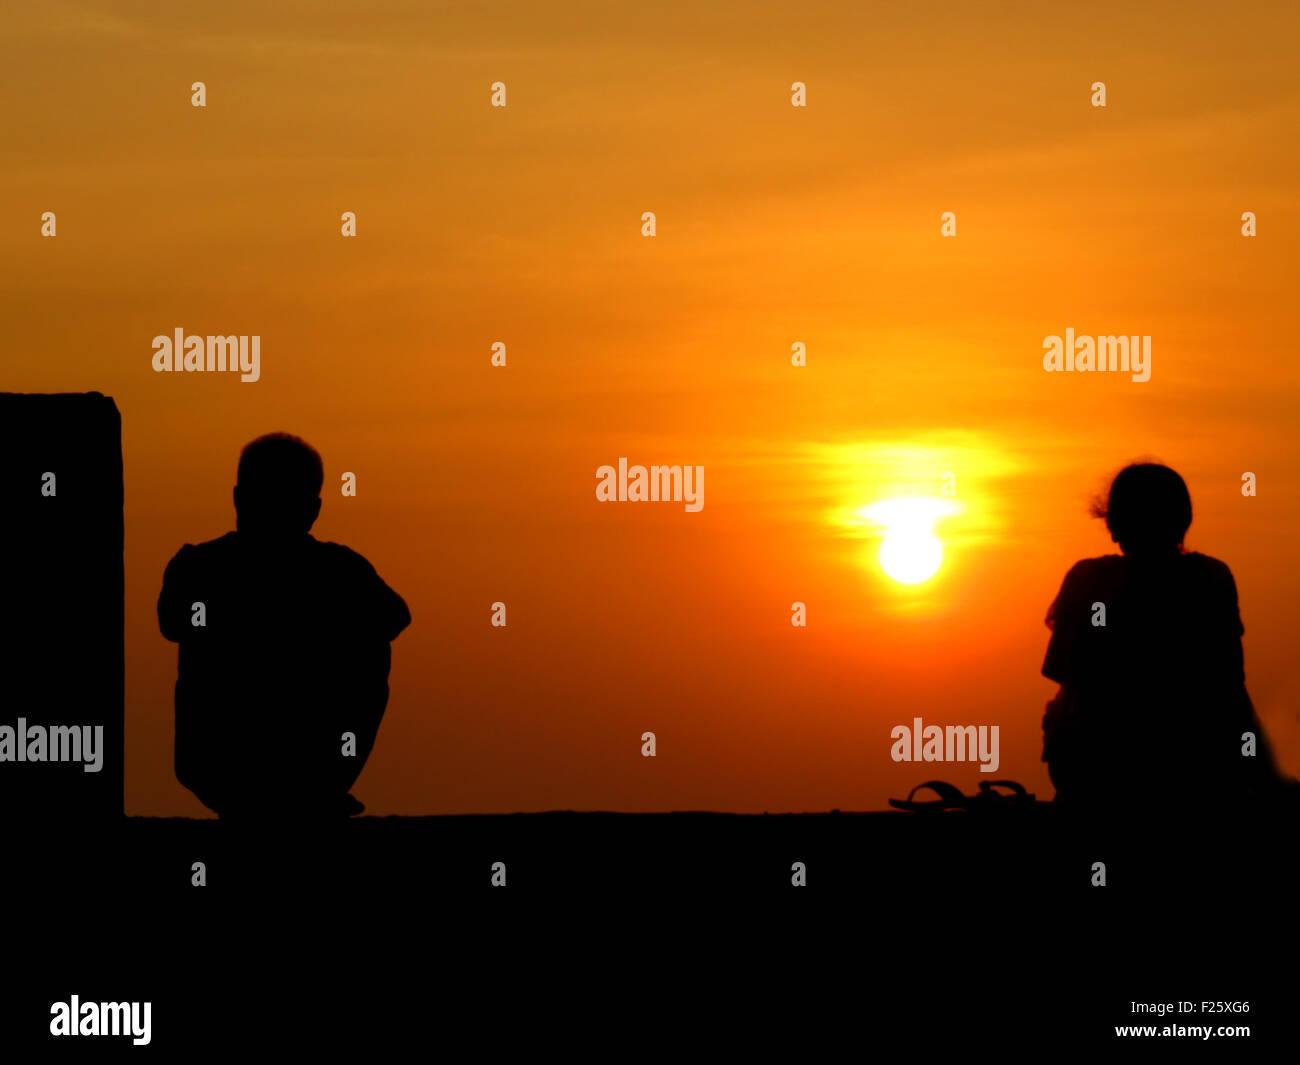 Una imagen metafórica de las siluetas de una pareja separada sobre el telón de fondo de una puesta de Imagen De Stock